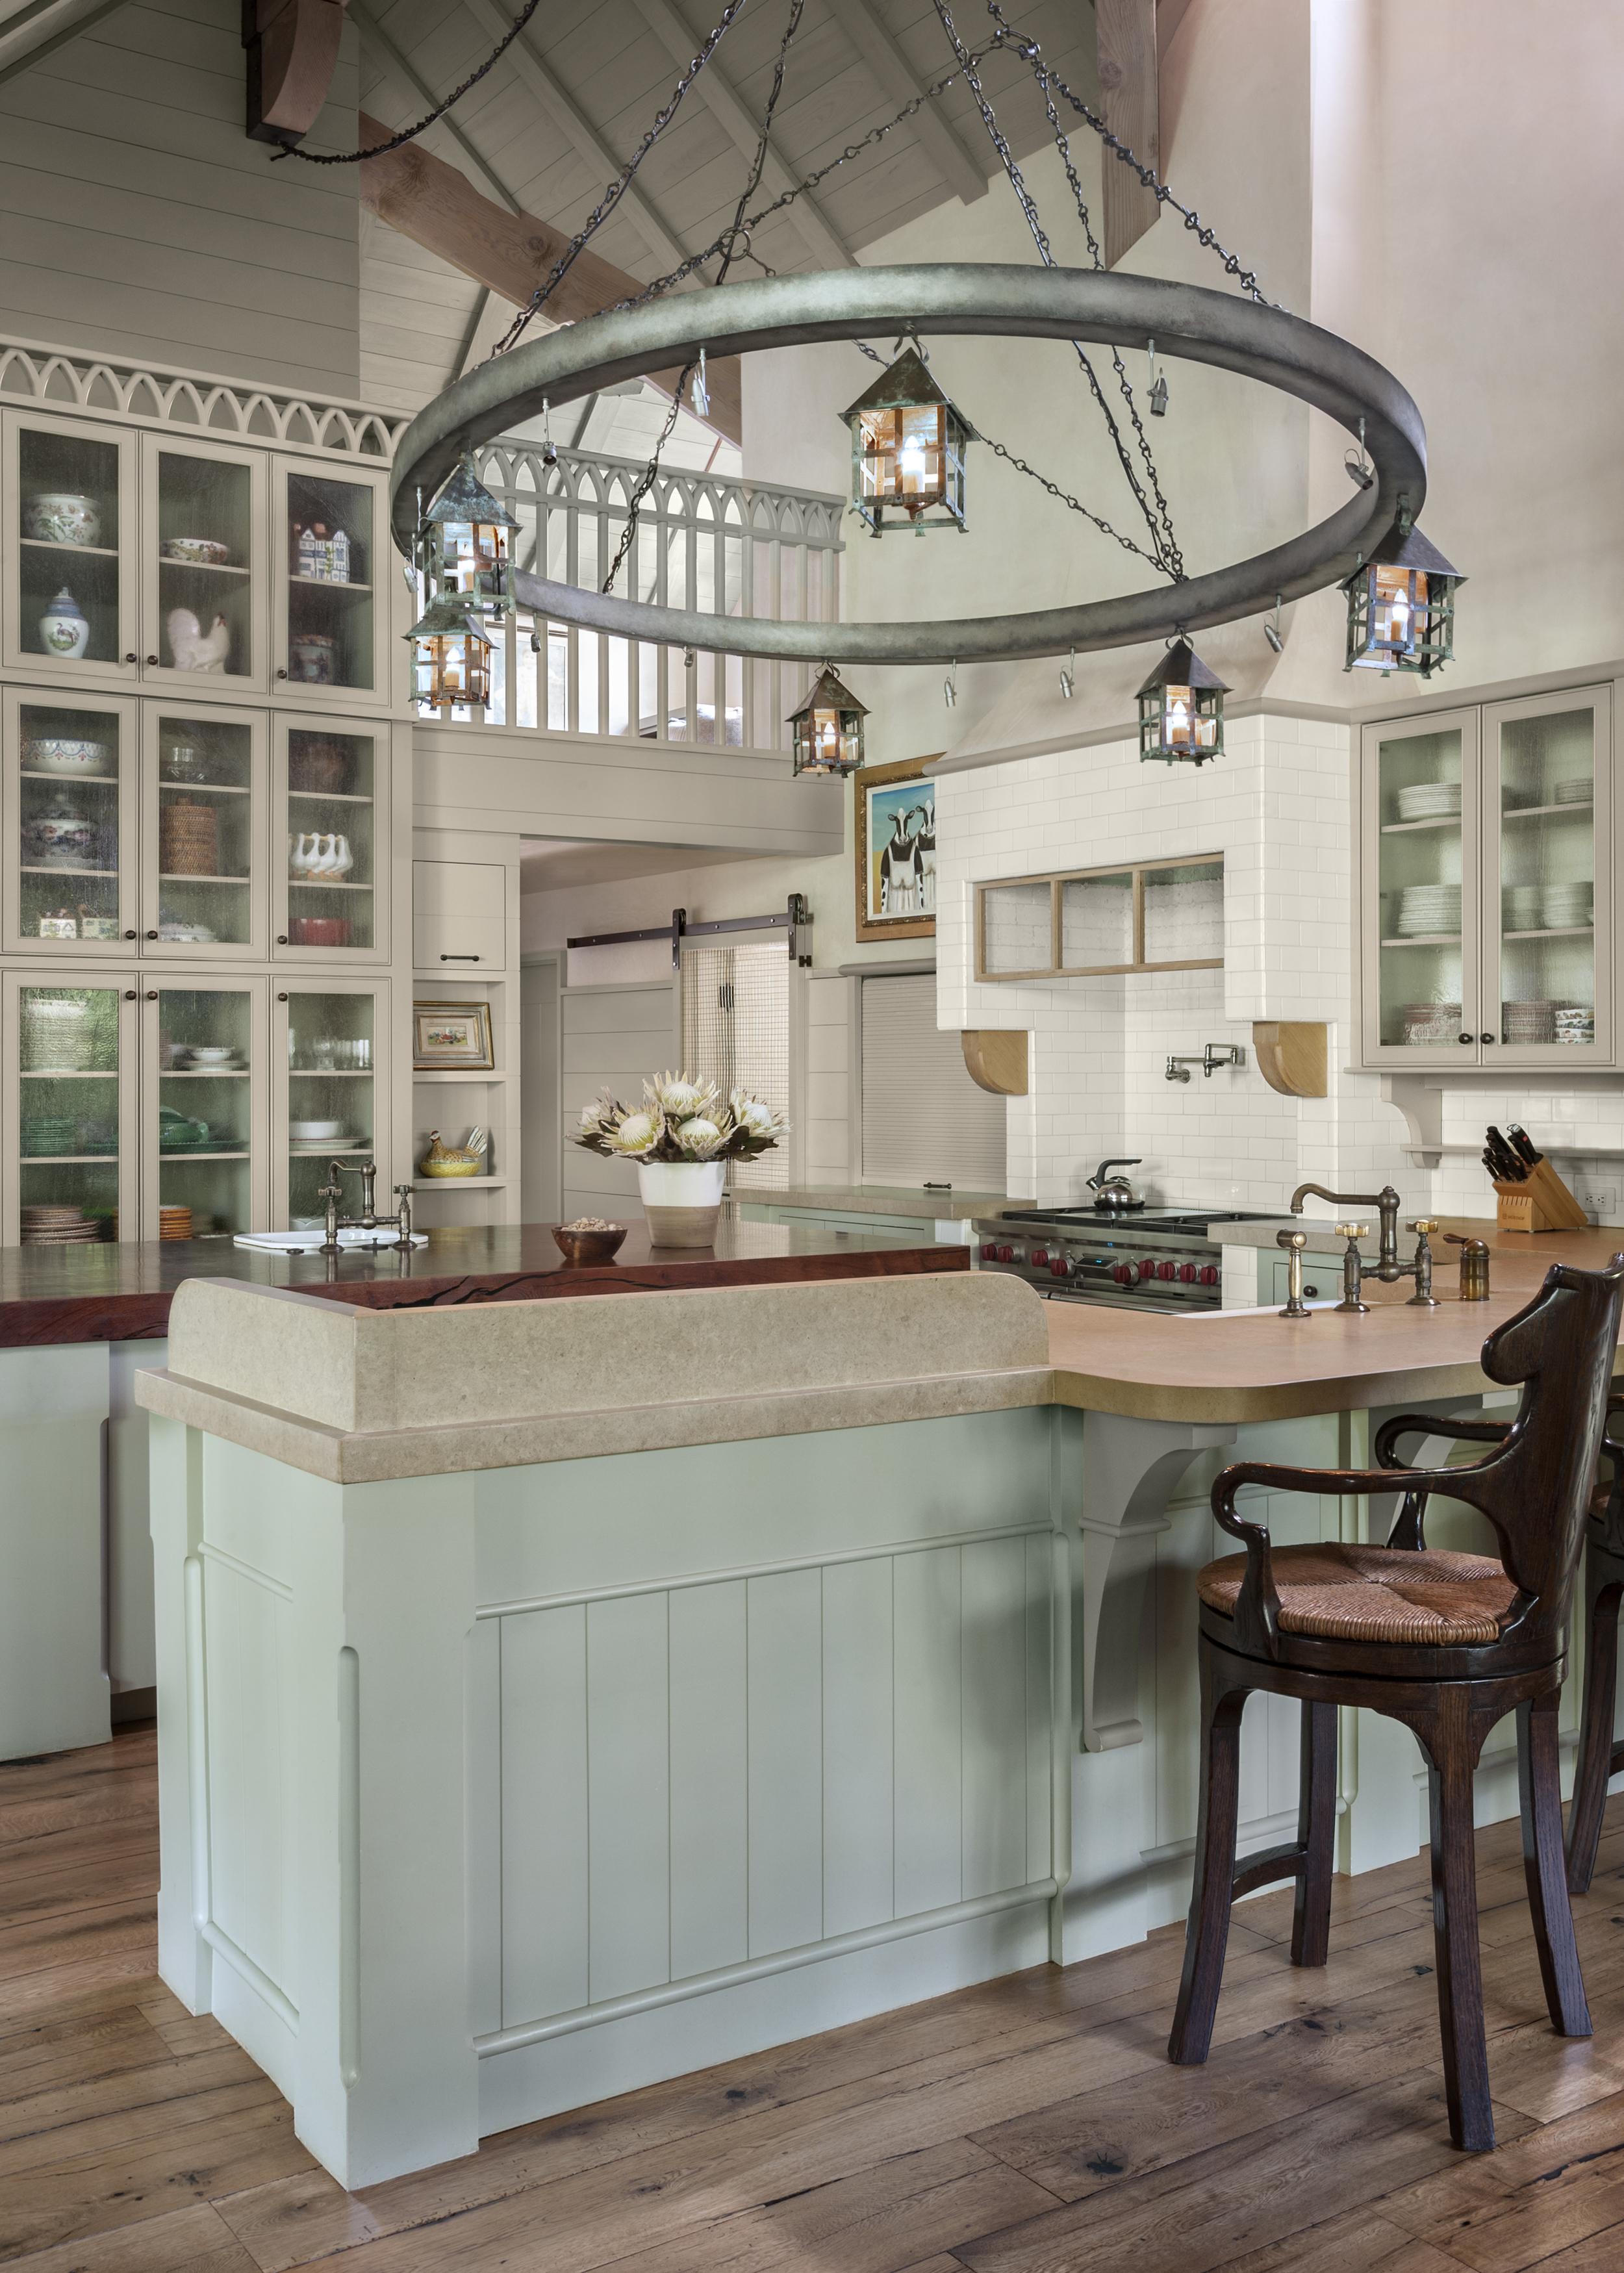 kitchen_8684.jpg